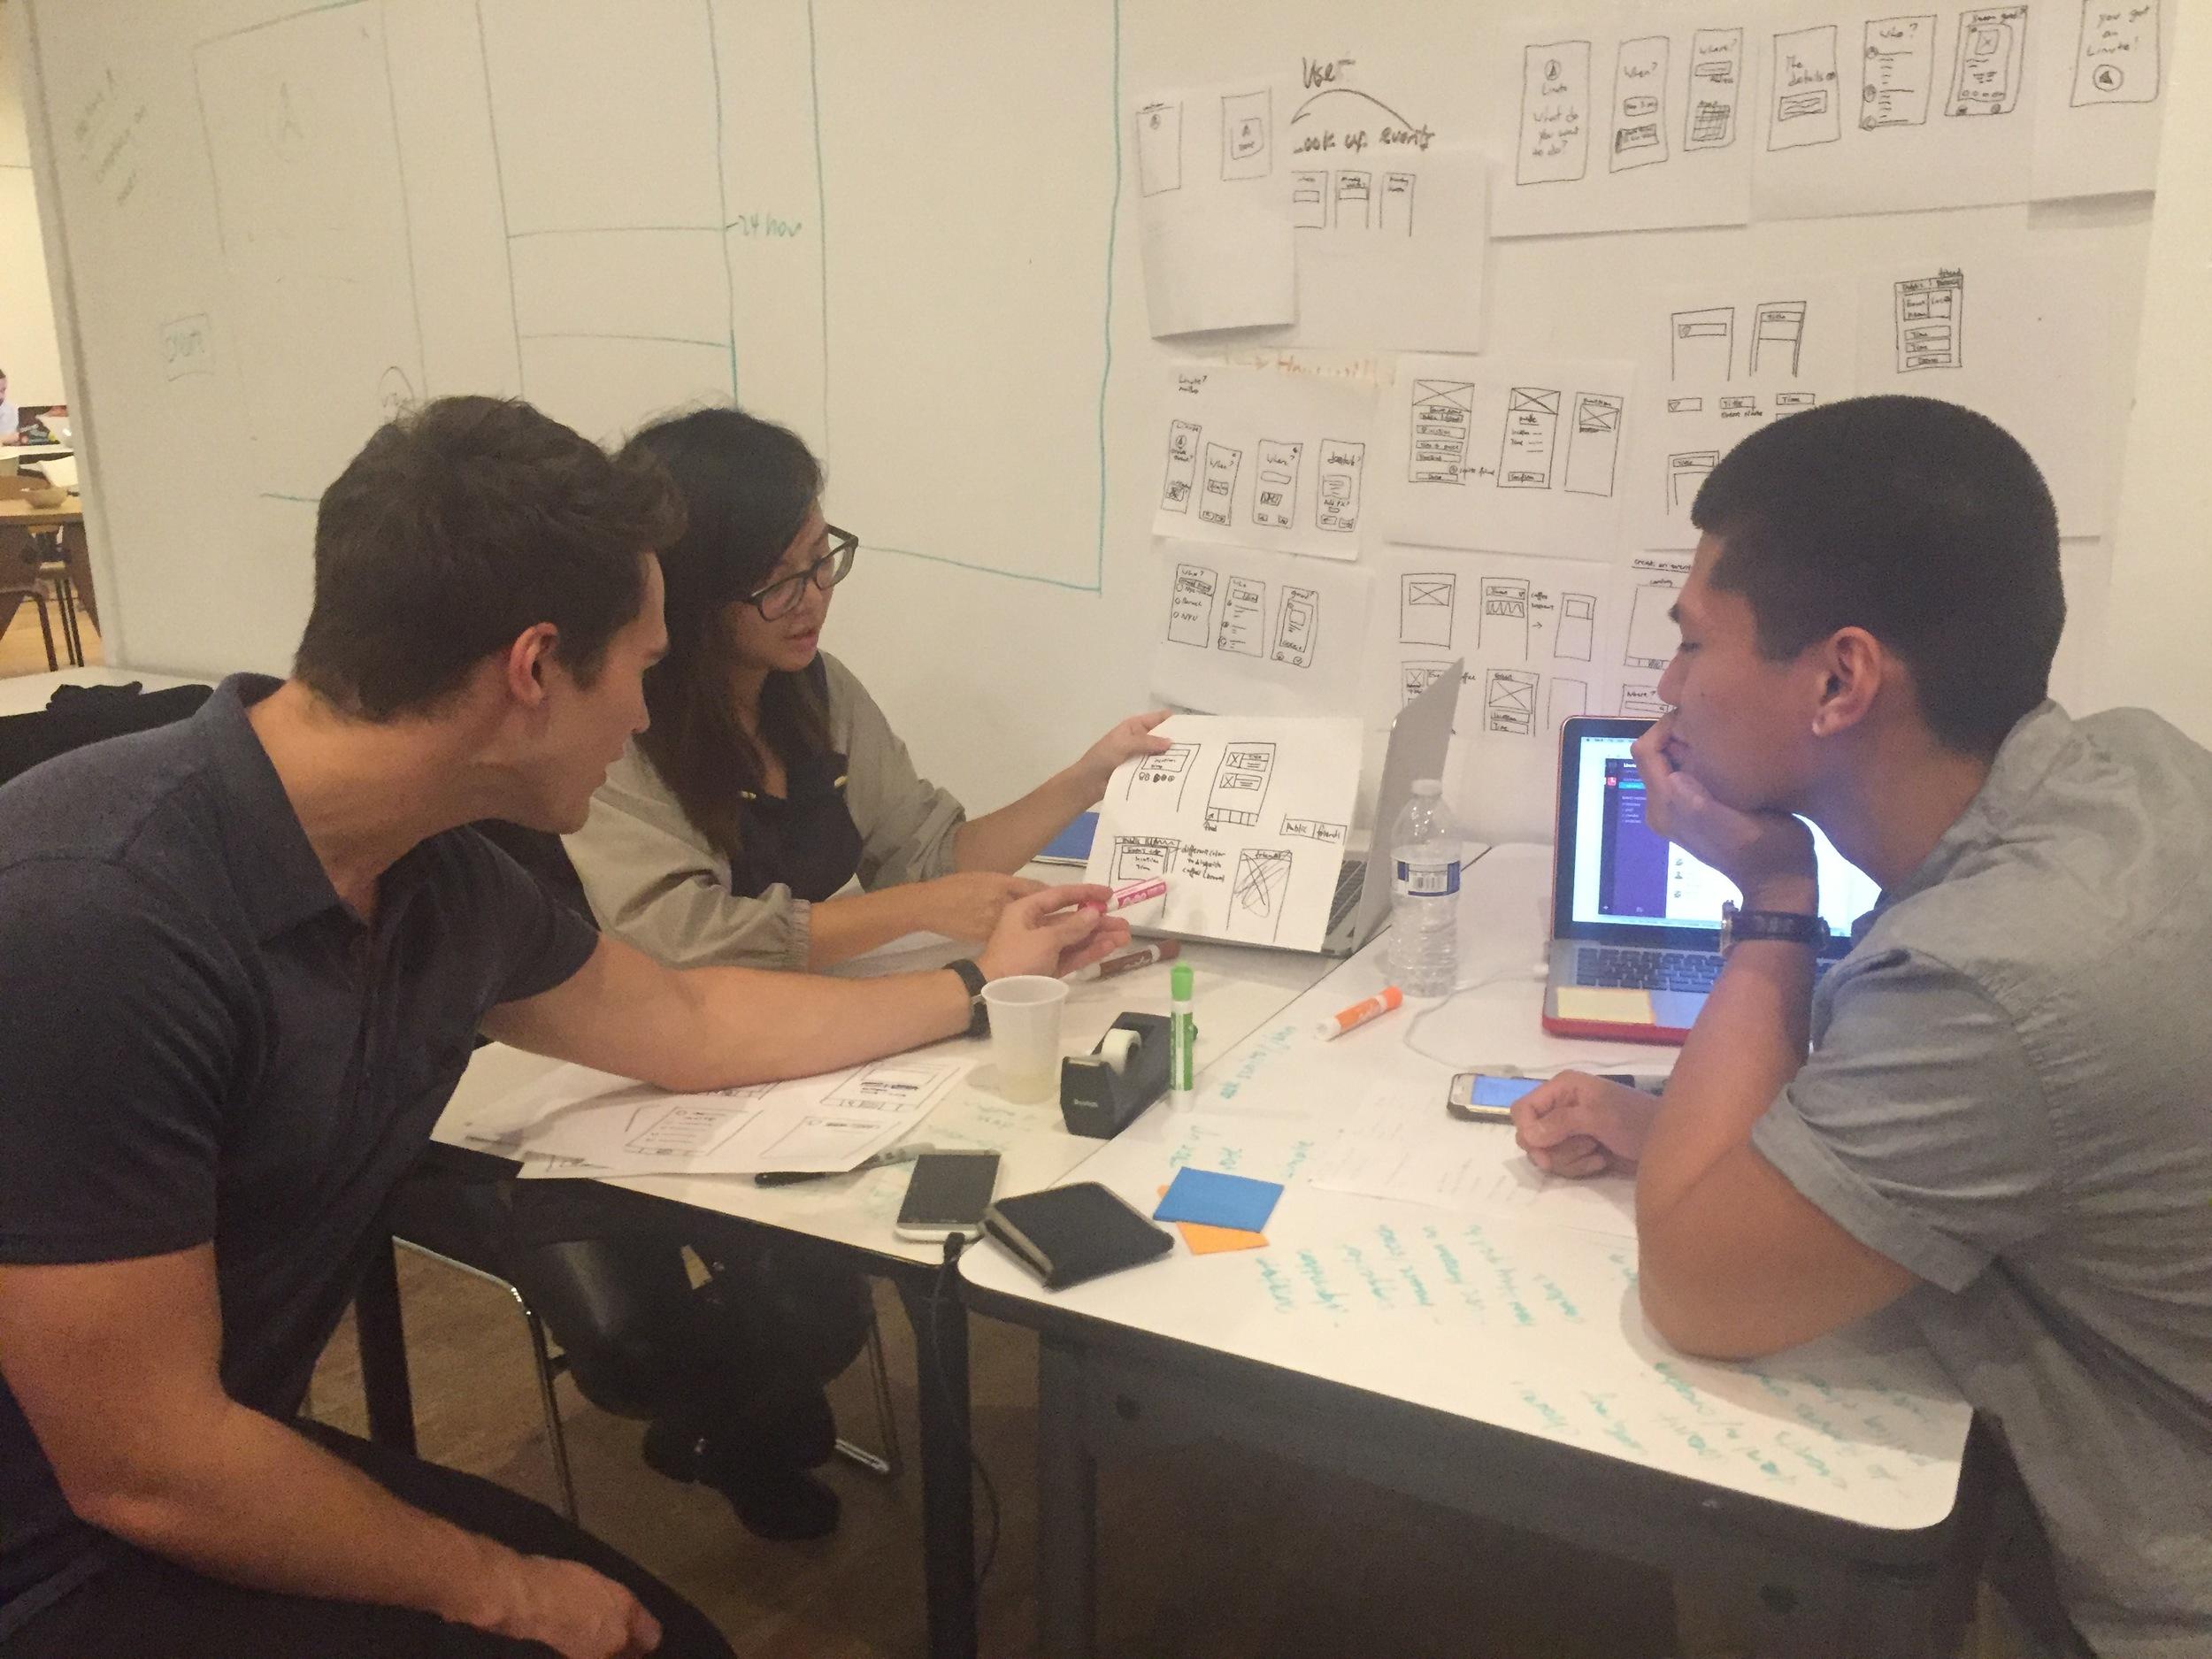 Presented design ideas